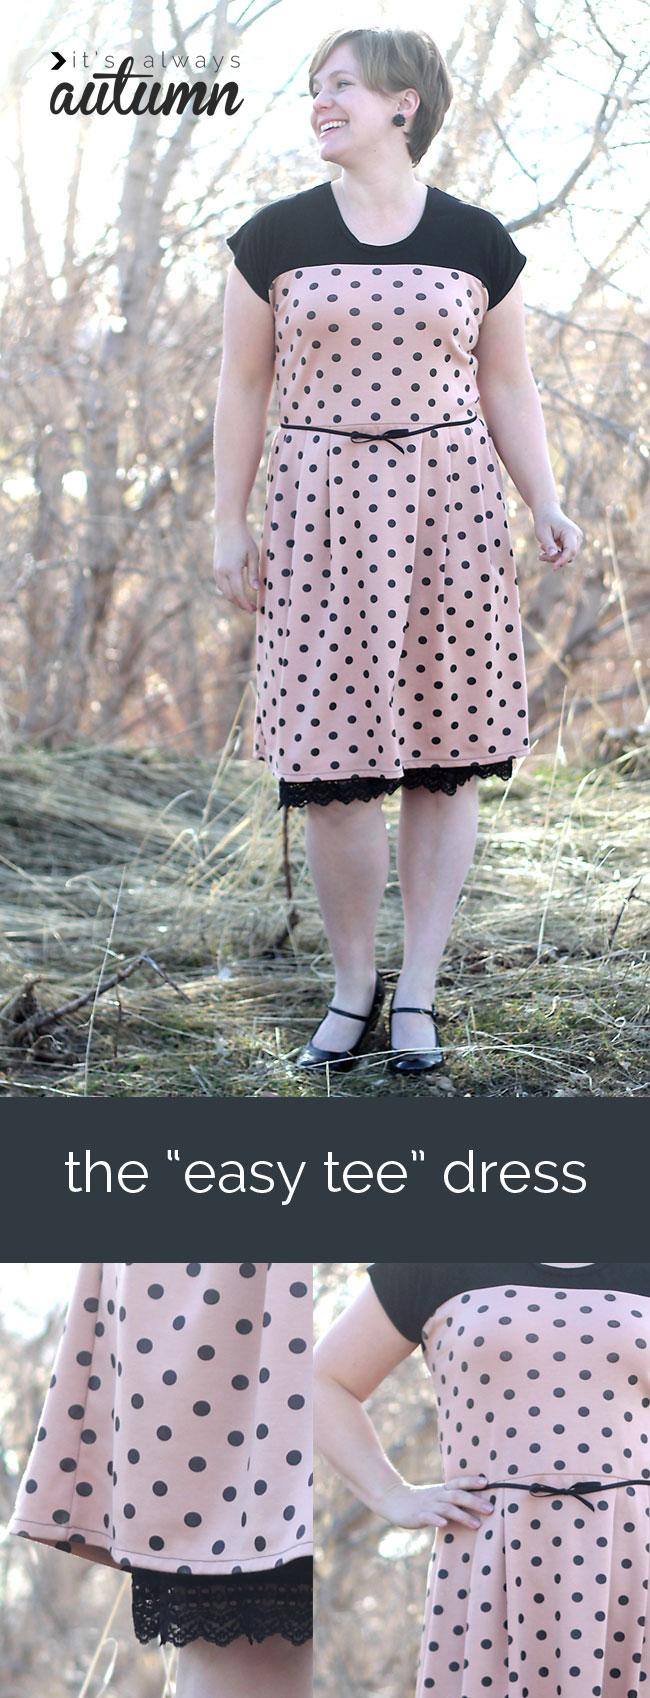 easy-tee-dress-tutorial-sewing-pattern